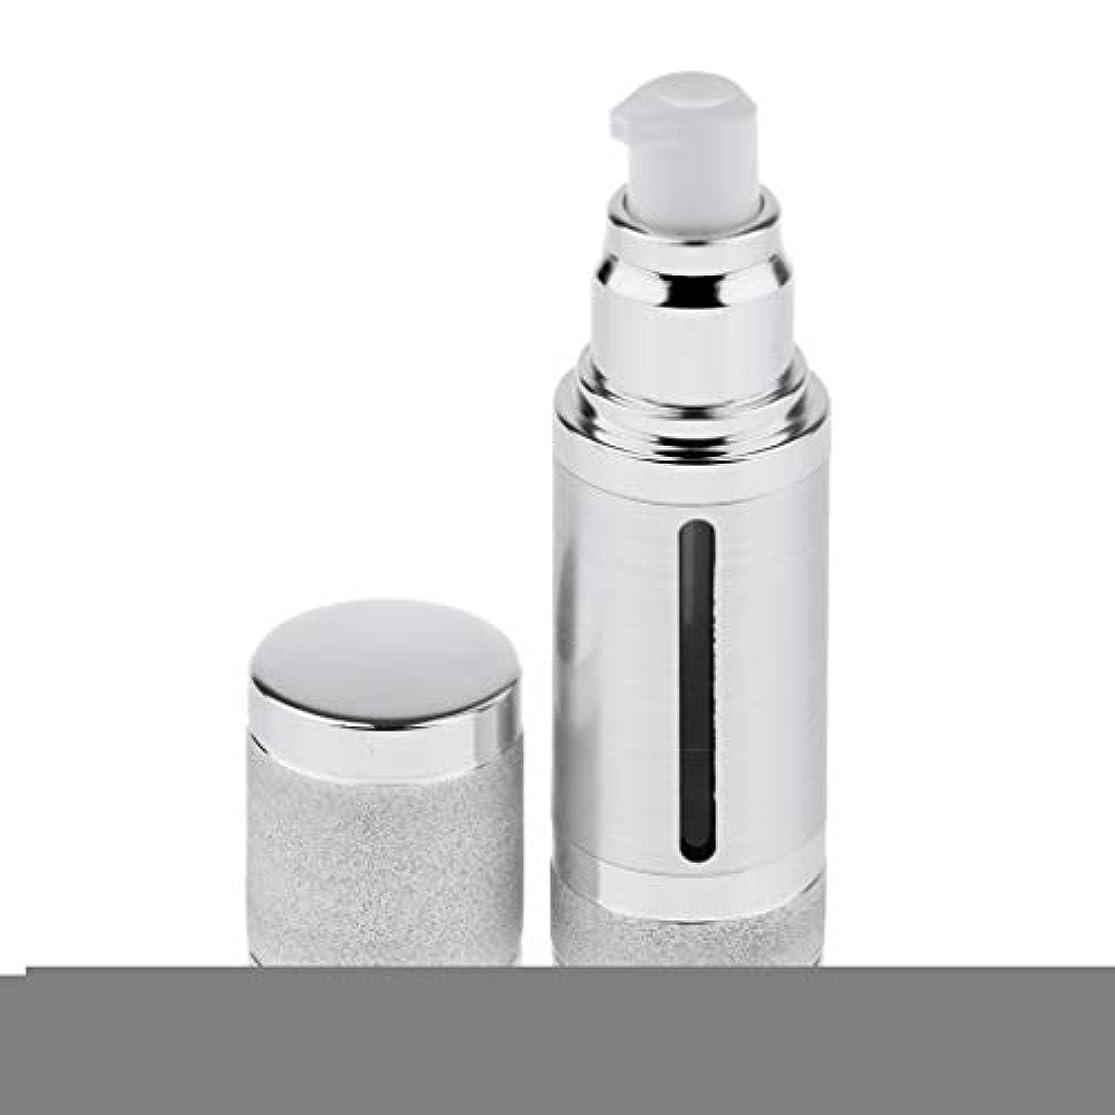 から聞くレルム繁栄T TOOYFUL 30ミリリットルエアレスポンプボトルローションクリーム化粧品詰め替え容器 - 銀